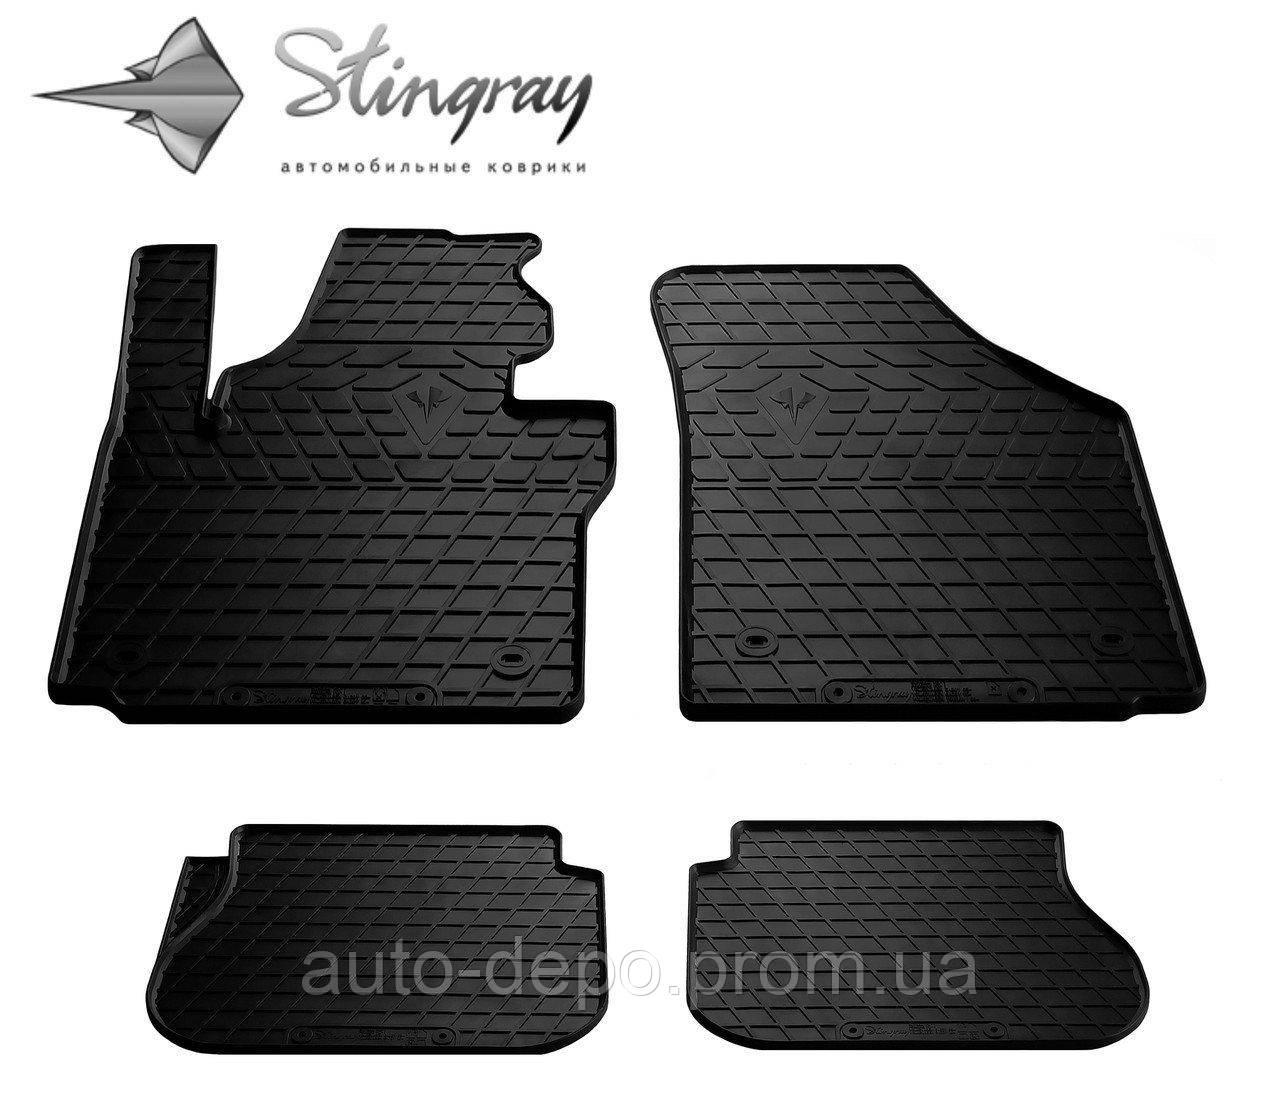 Килимки автомобільні для Volkswagen Caddy Stingrayy